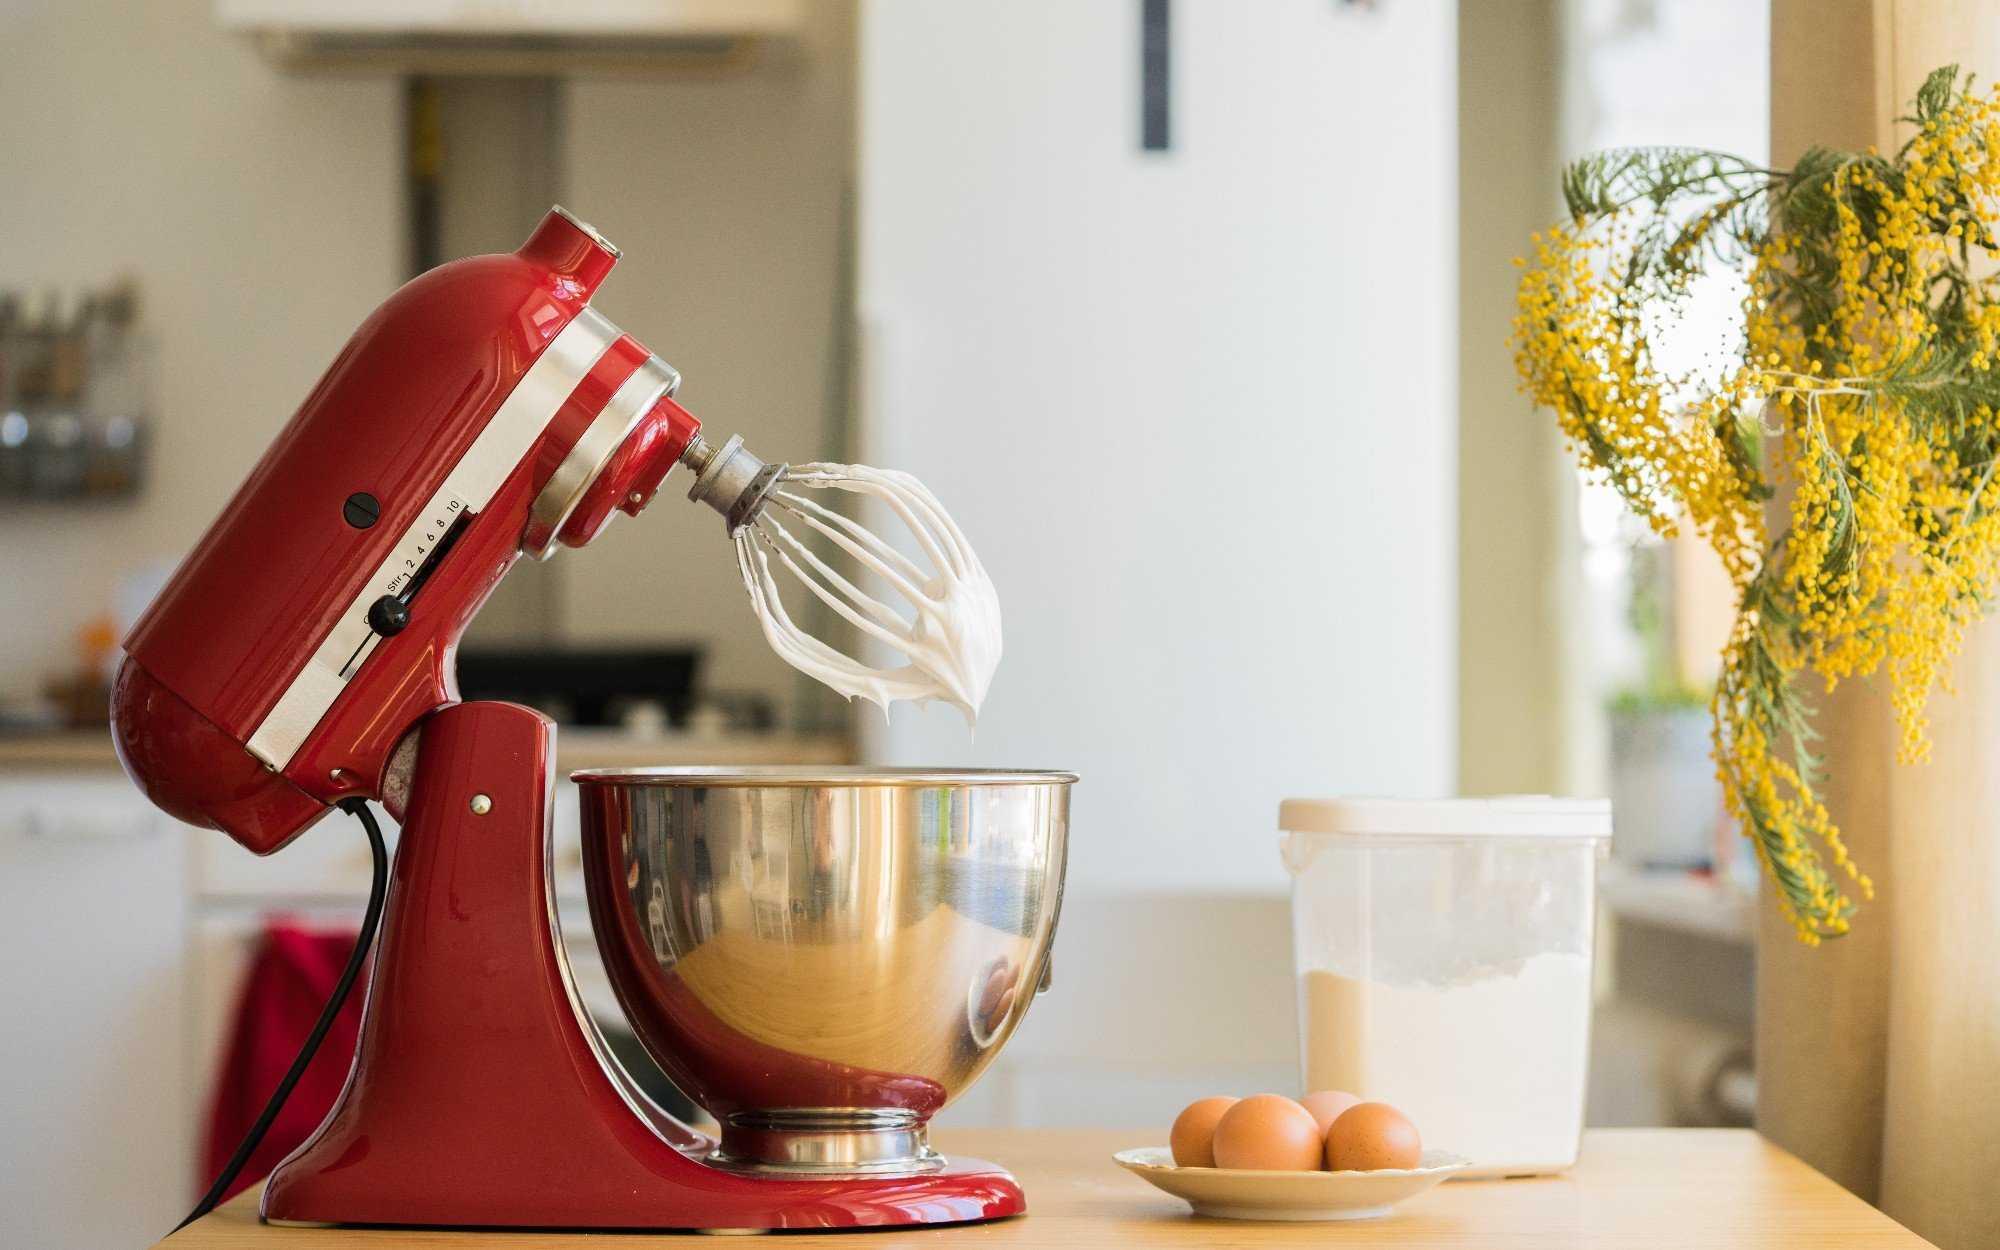 Отзывы о комбайнах: выбираем лучший кухонный комбайн